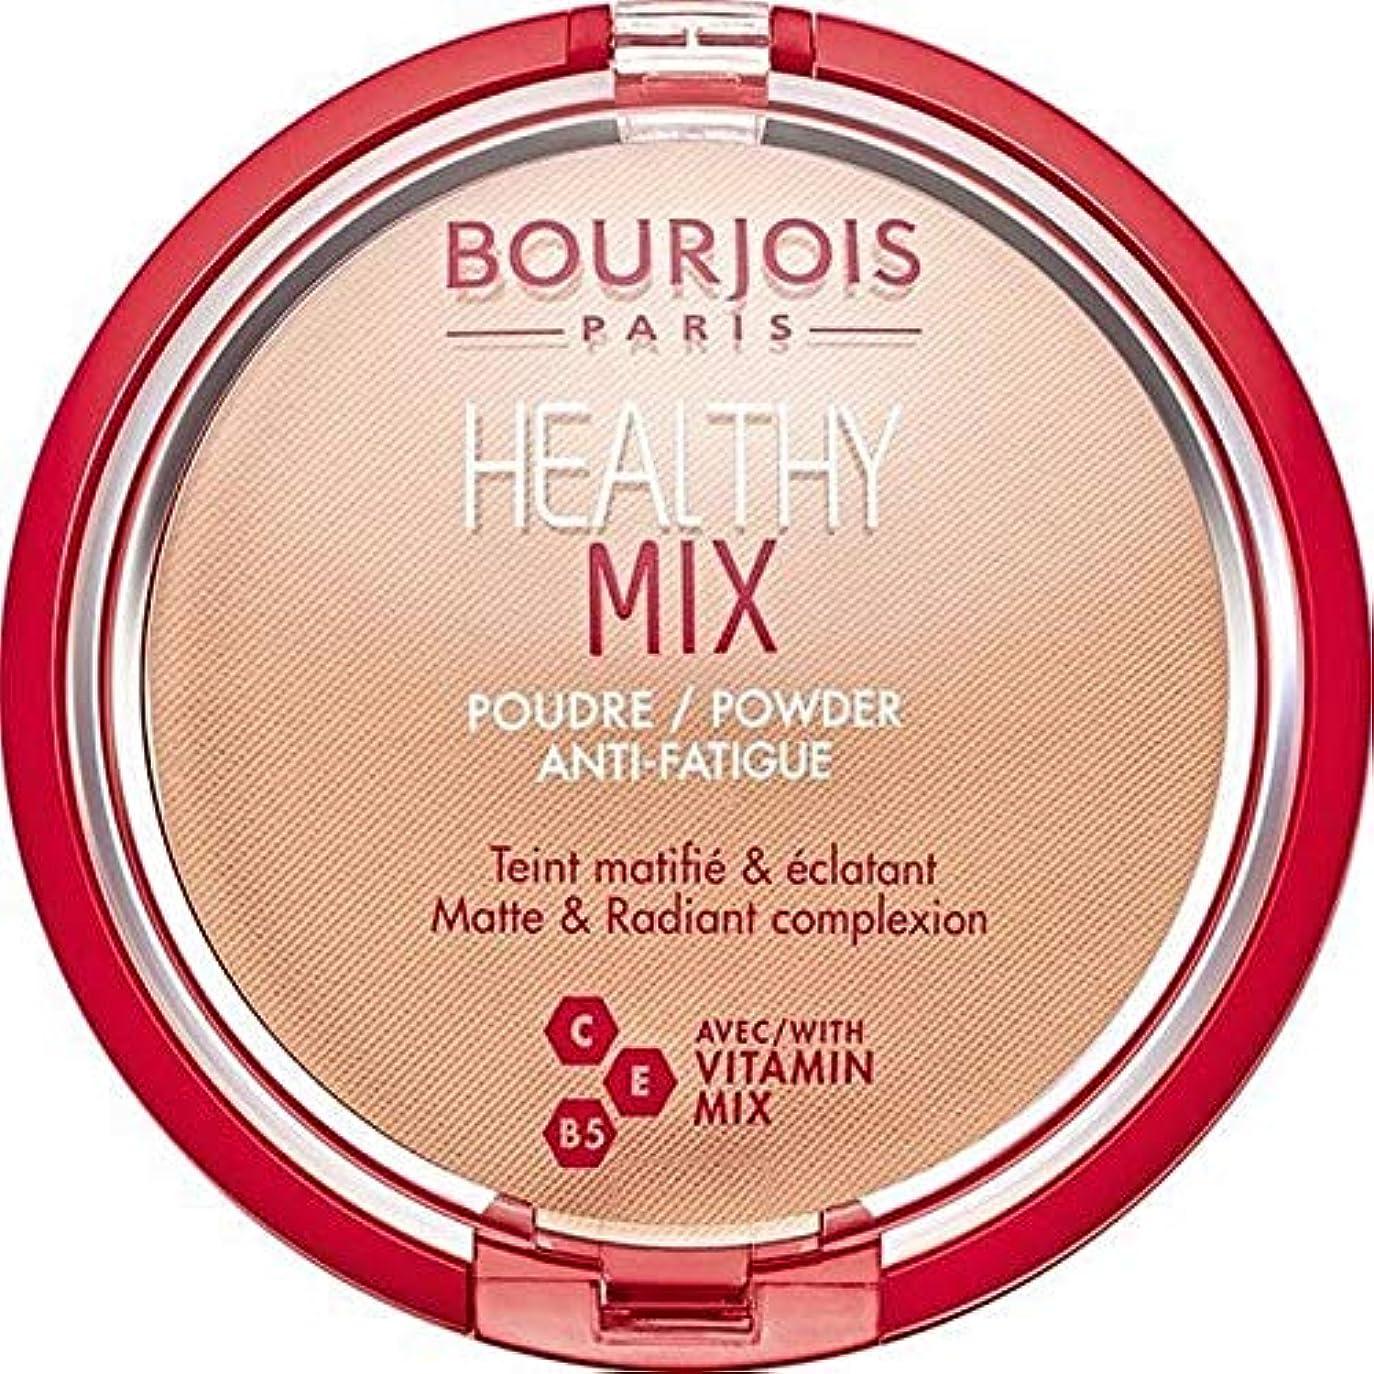 傷つける吸収周り[Bourjois ] ブルジョワヘルシーミックスは粉末3を押します - Bourjois Healthy Mix Pressed Powder 3 [並行輸入品]